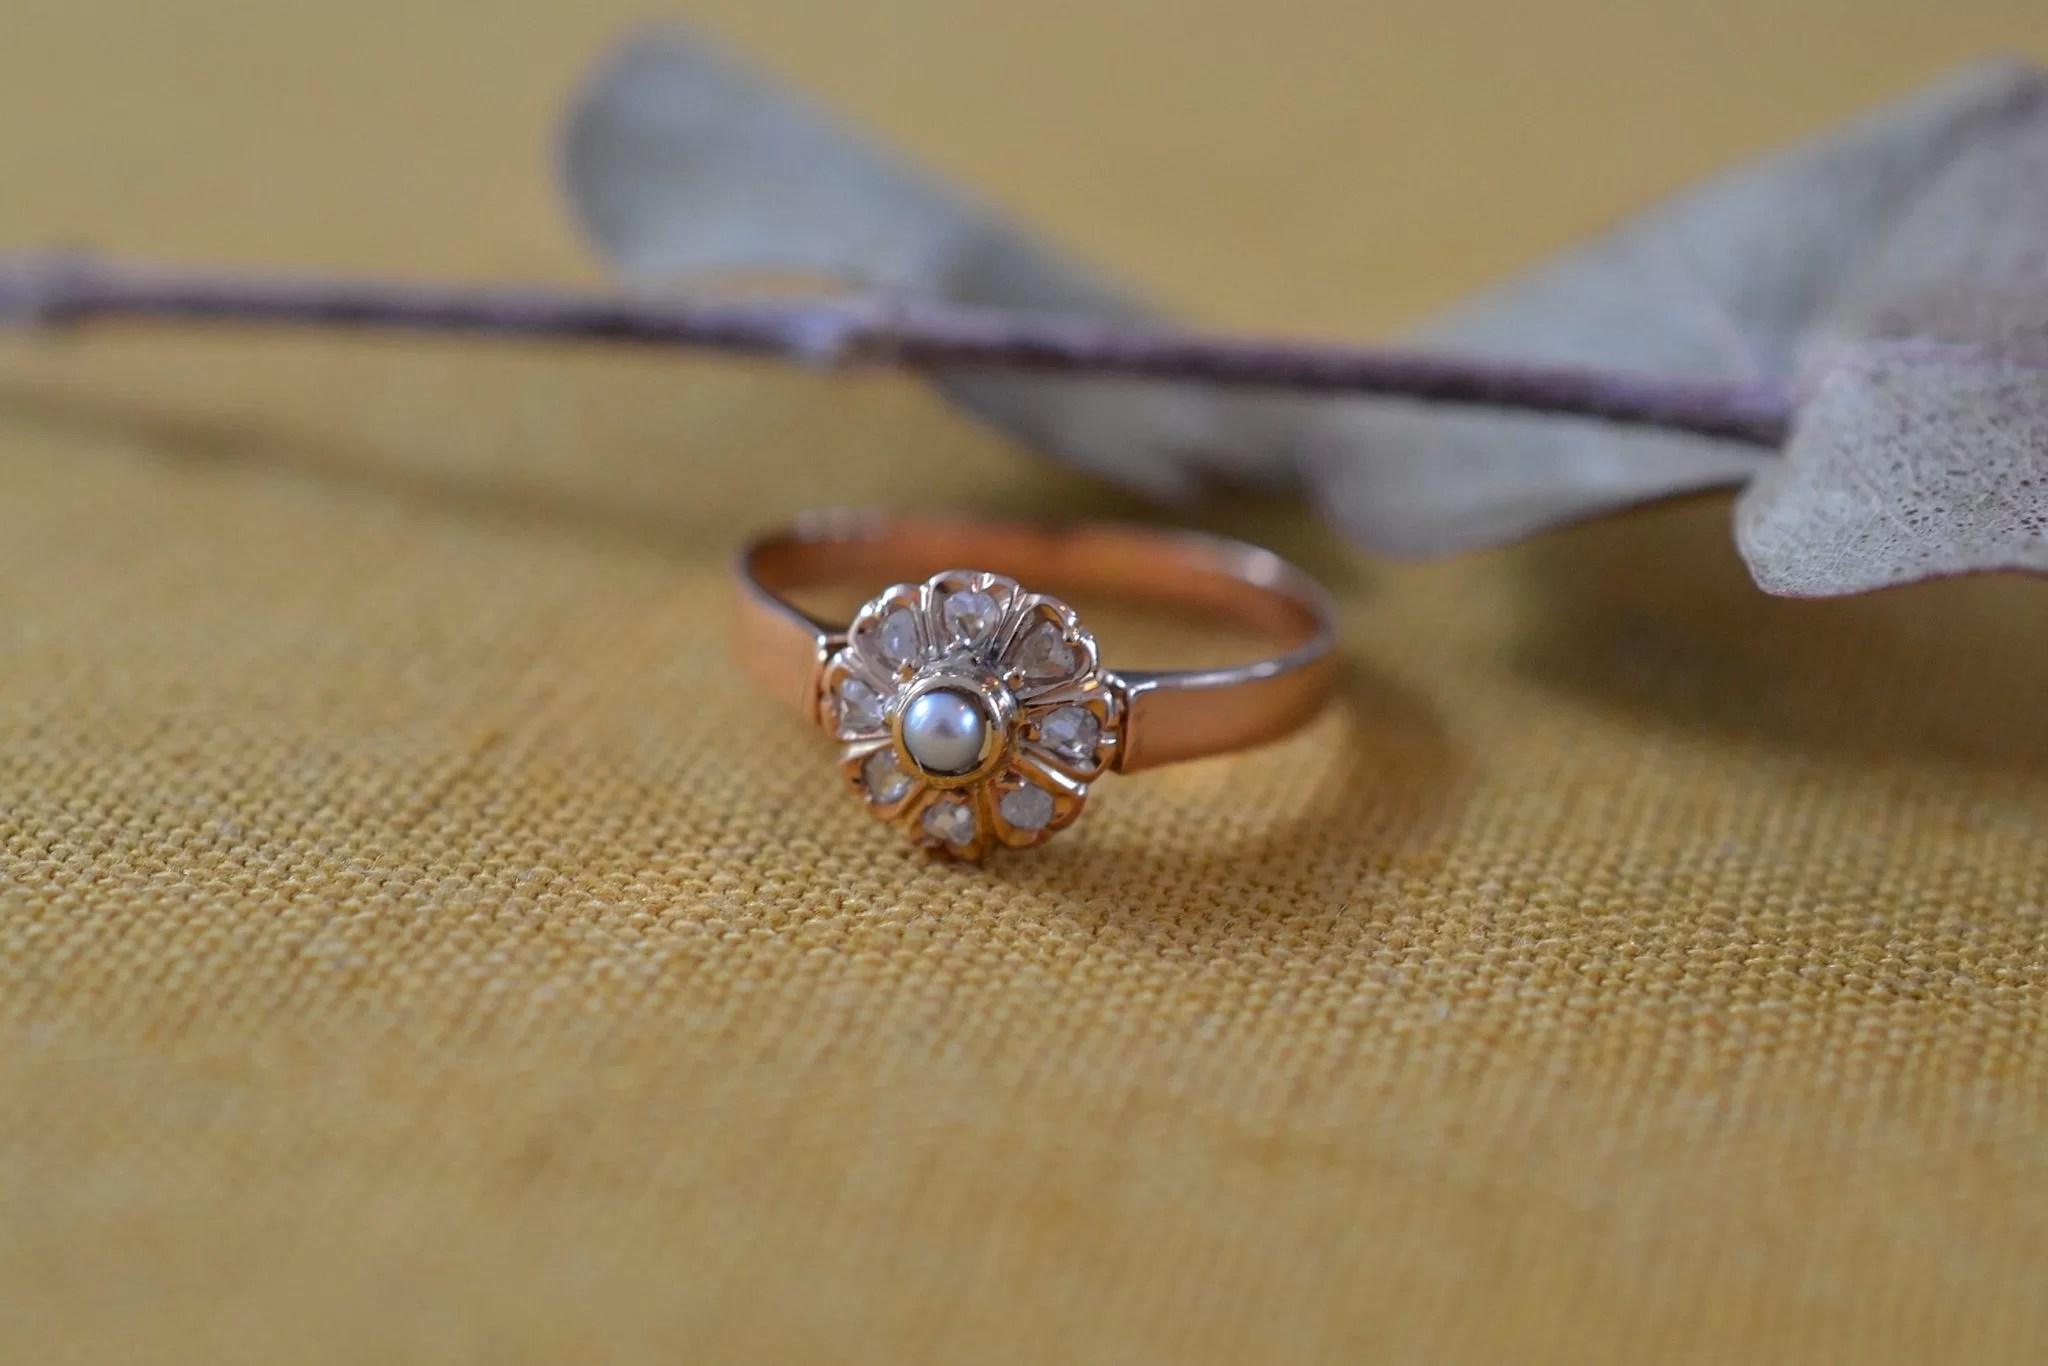 Bague Circulaire En Or Rose Sertie D_une Perle Accompagnée De Diamants - Bague Ancienne